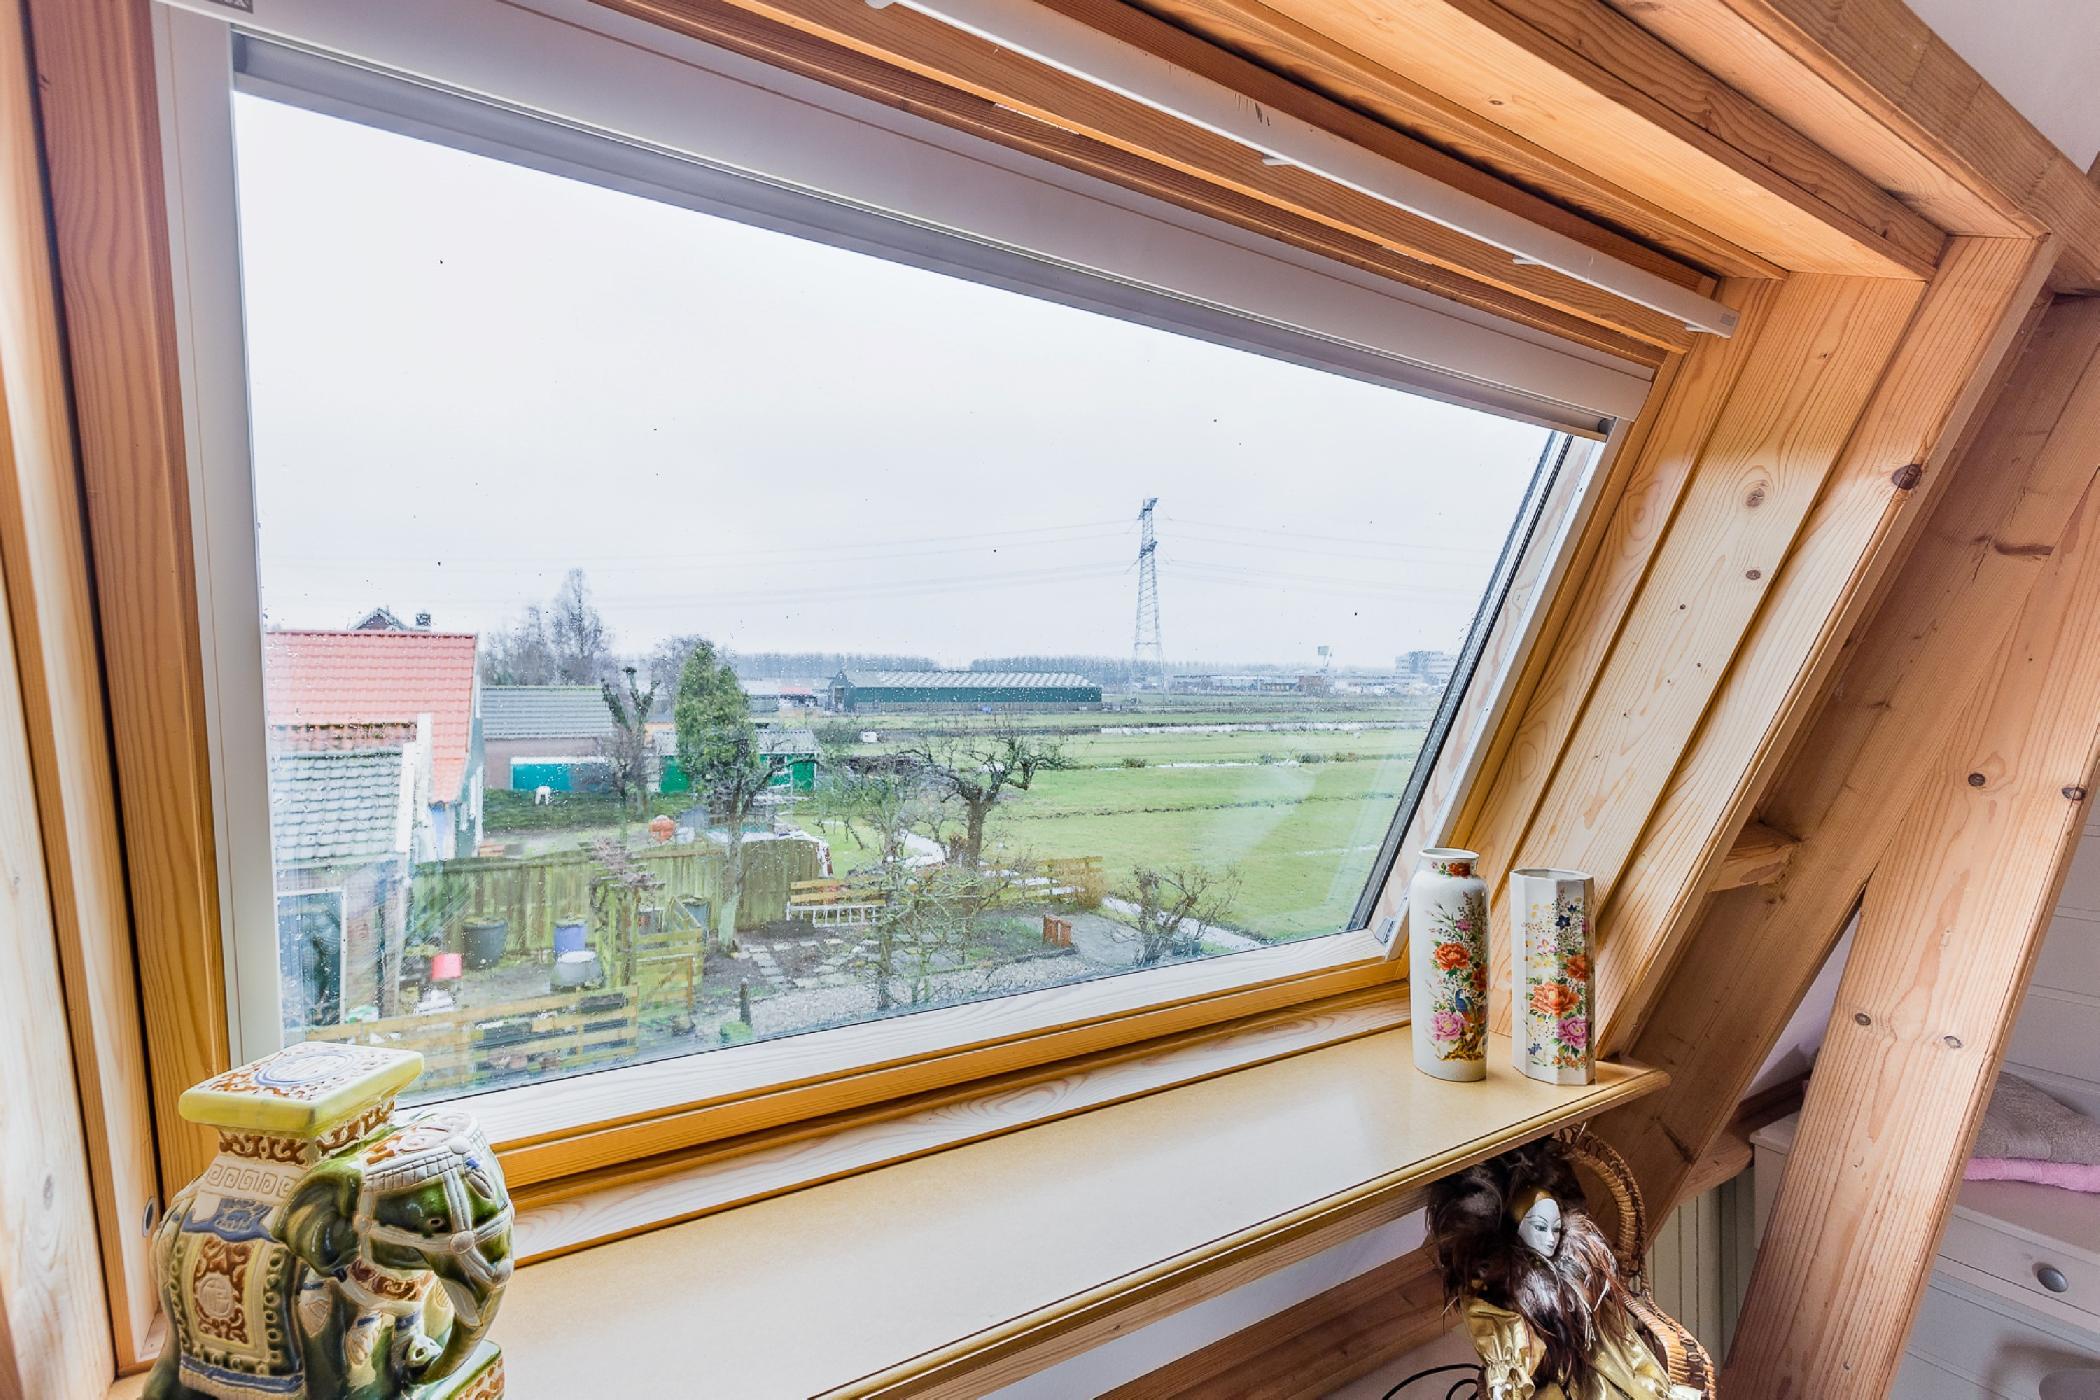 2018 03 13 - willem knipmeijer - zuideinde 142 amsterdam  10 of 18  jpg